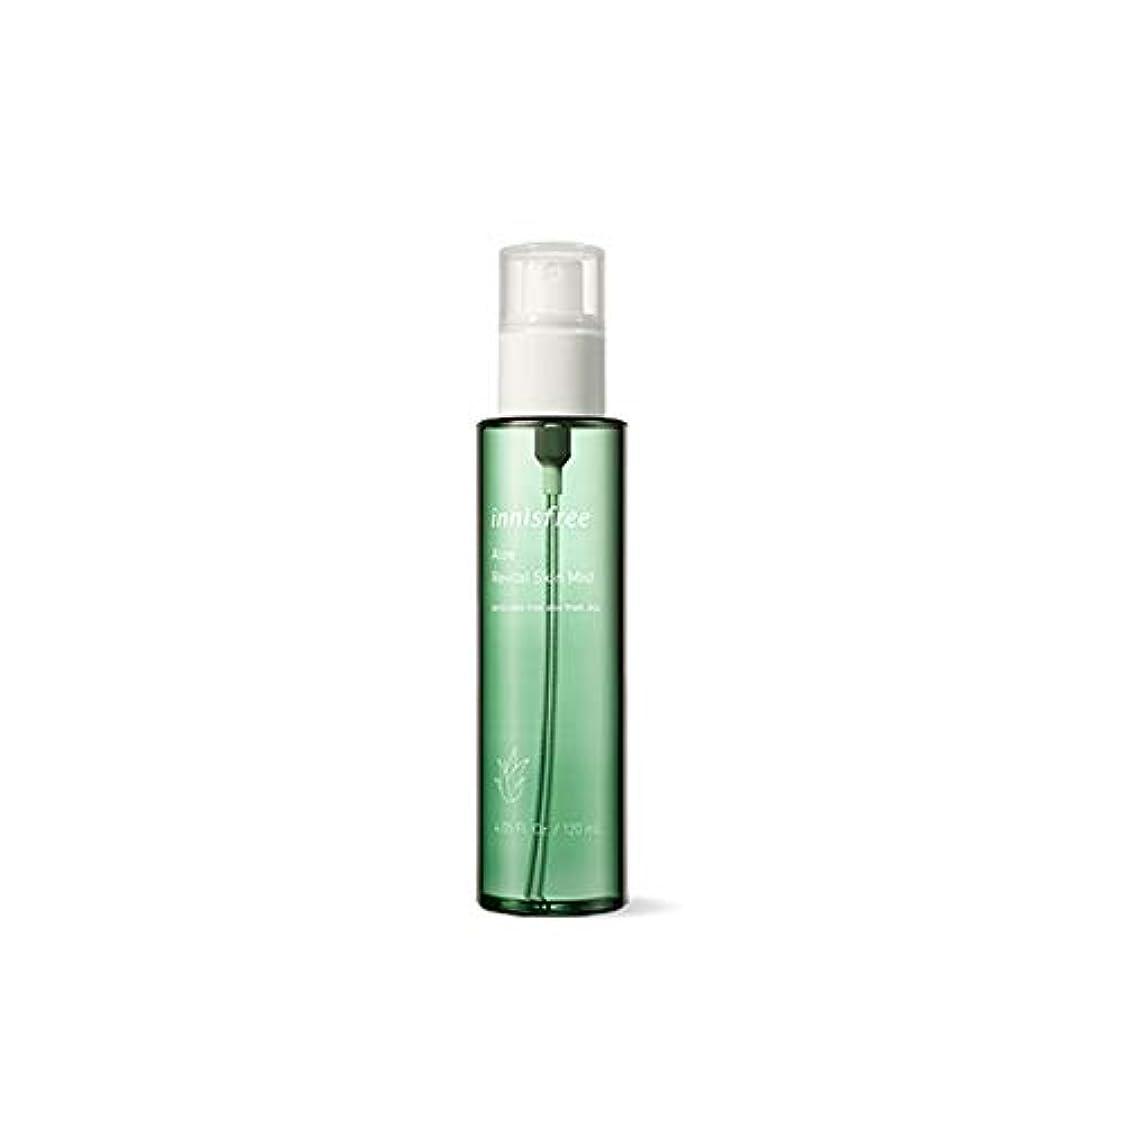 ワークショップ反対に保持イニスフリー Innisfree アロエ リバイタル スキンミスト(120ml)2015.6. Innisfree Aloe Revital Skin Mist(120ml) [海外直送品]